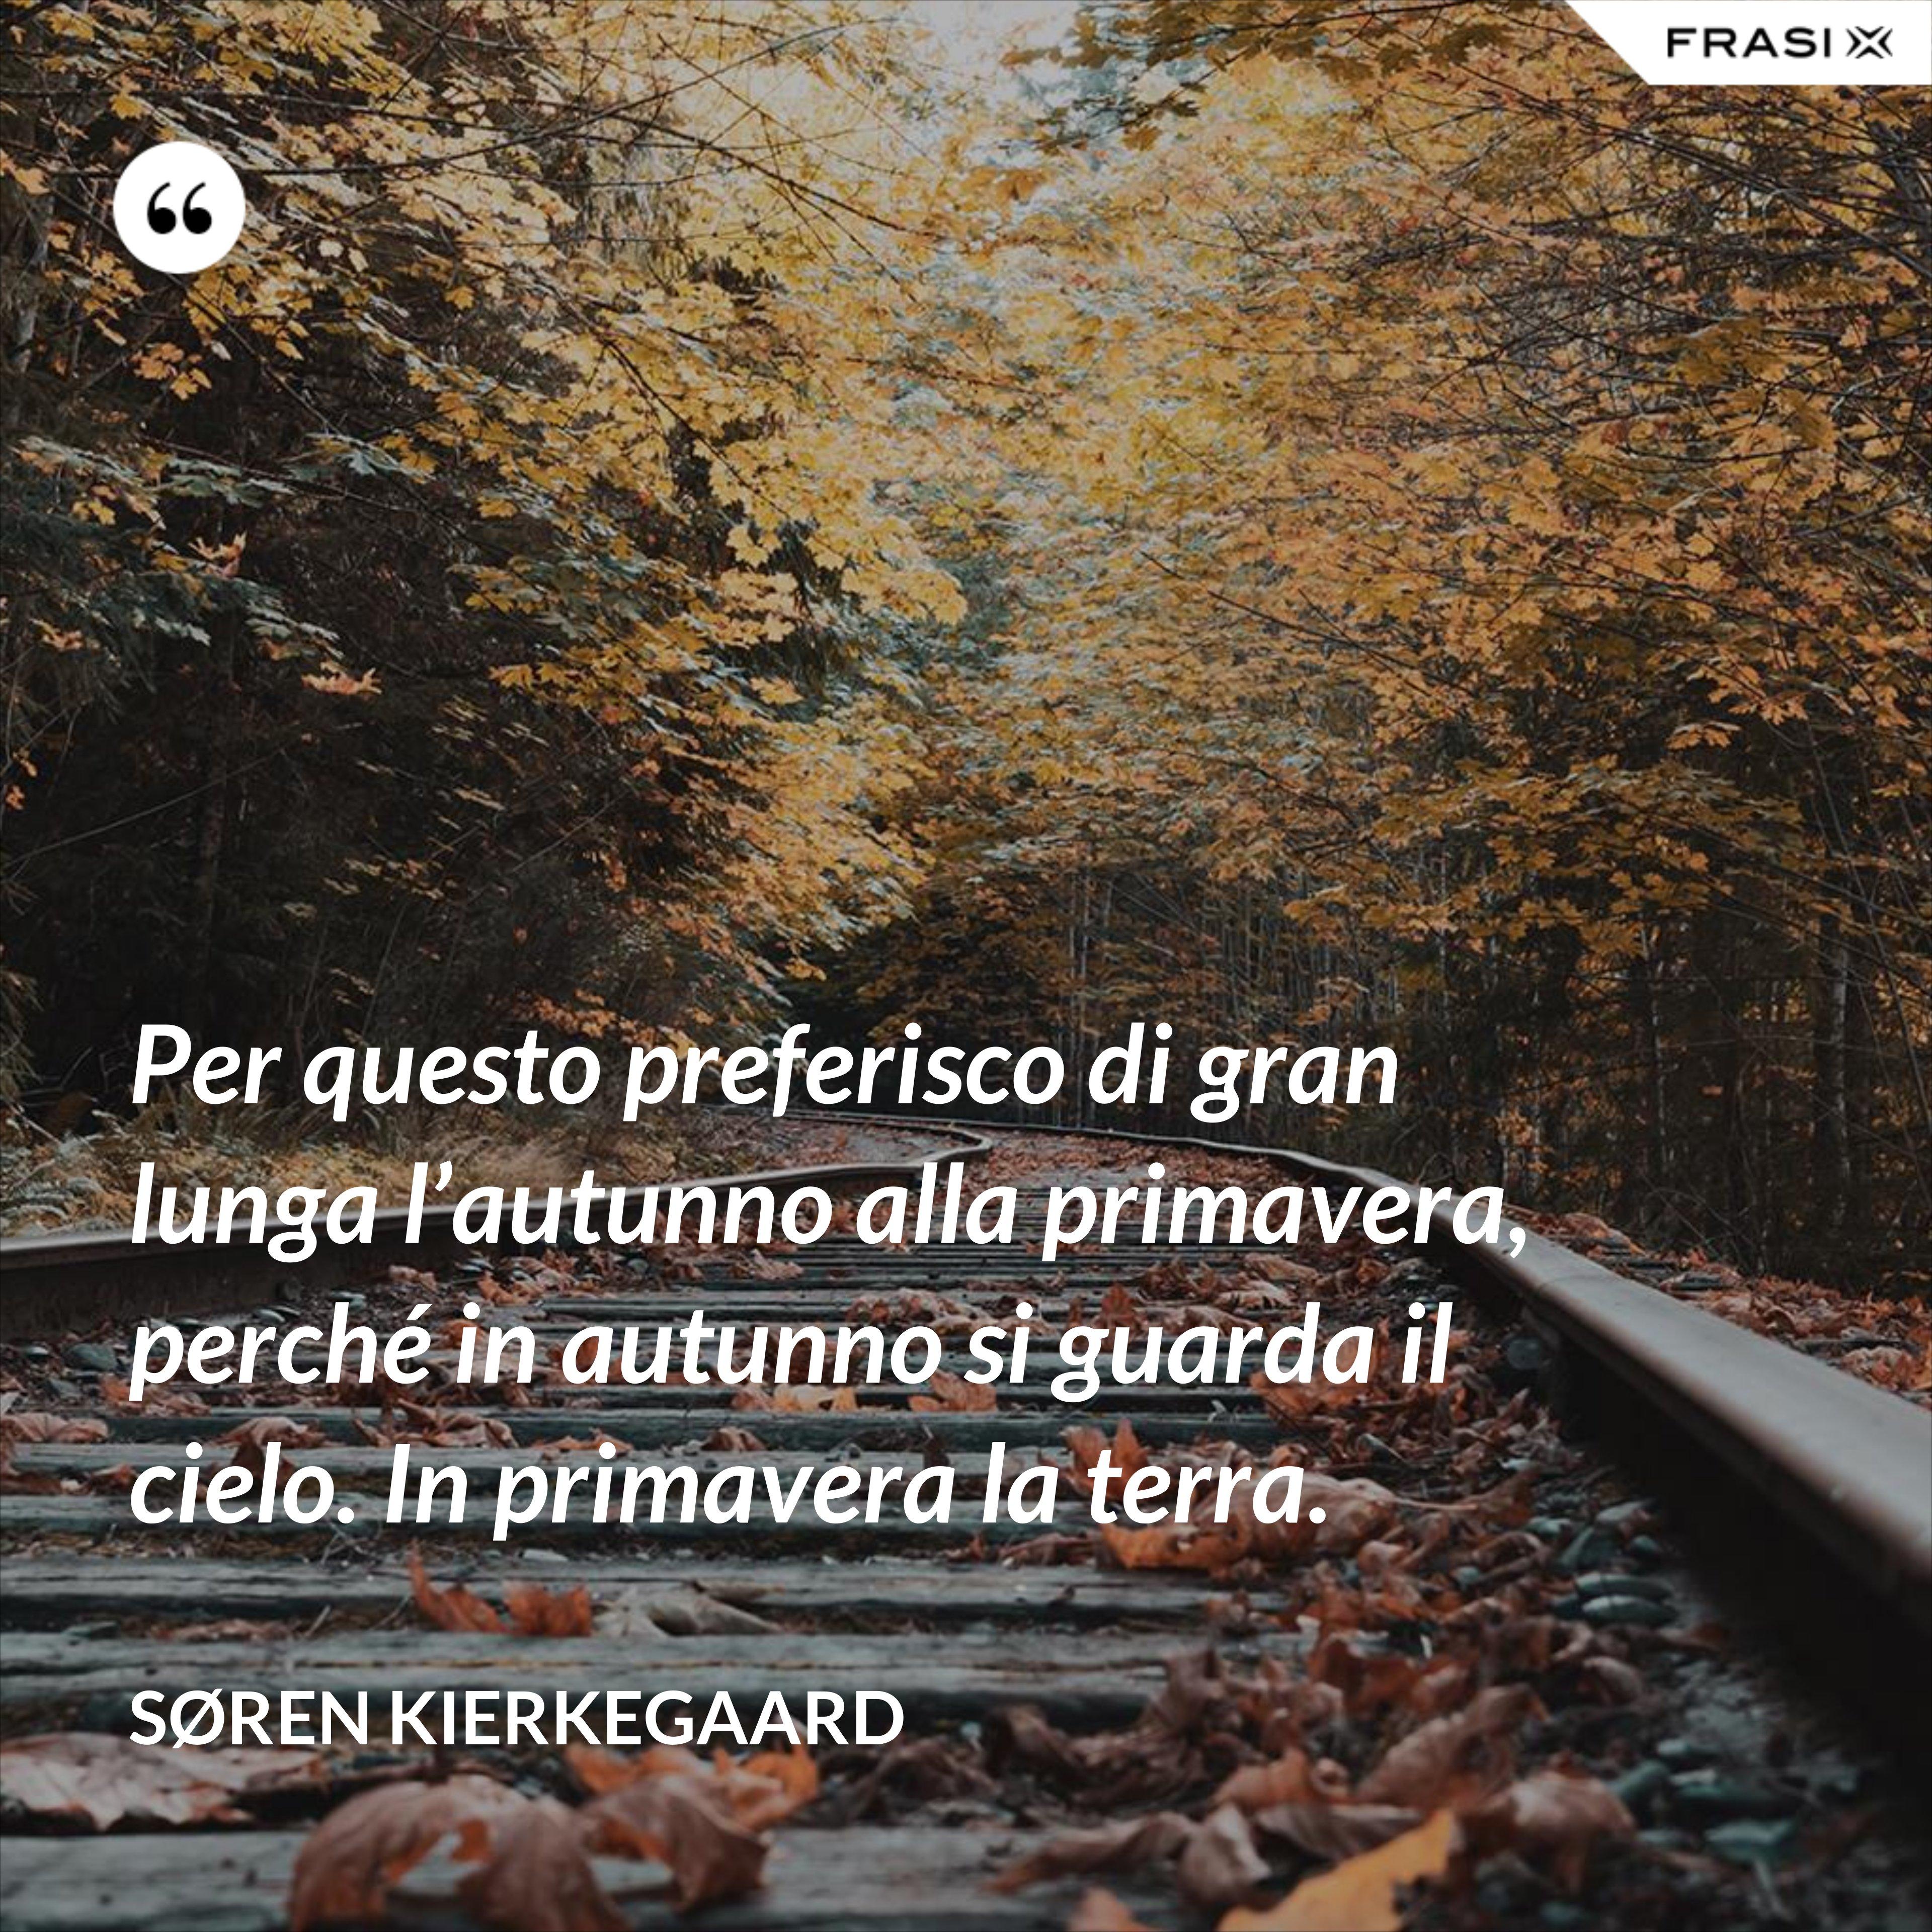 Per questo preferisco di gran lunga l'autunno alla primavera, perché in autunno si guarda il cielo. In primavera la terra. - Søren Kierkegaard